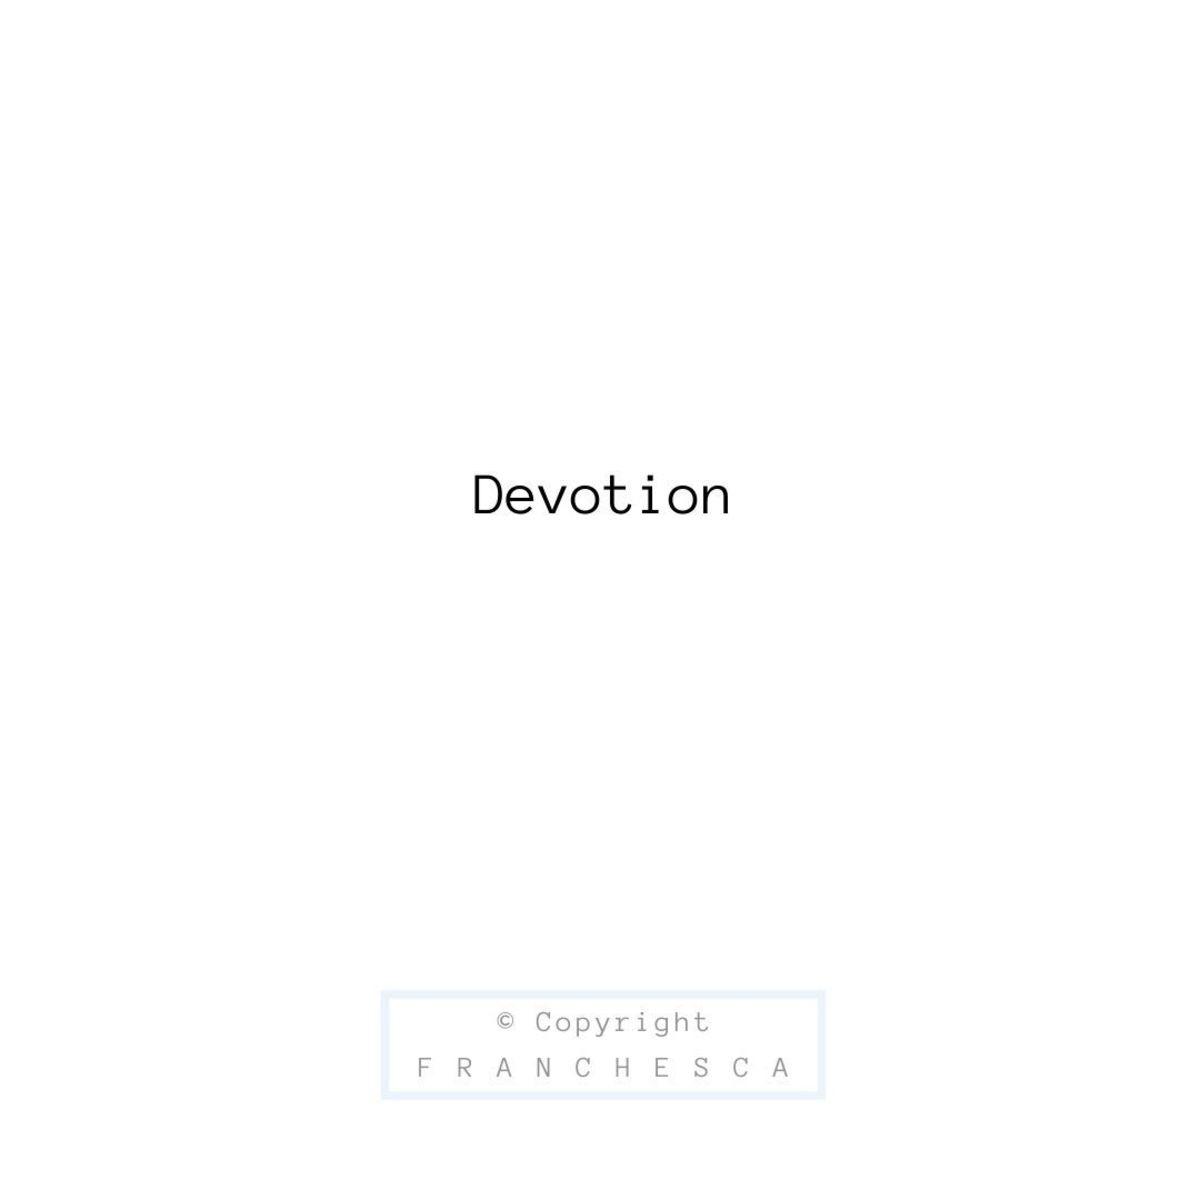 34th-article-devotion